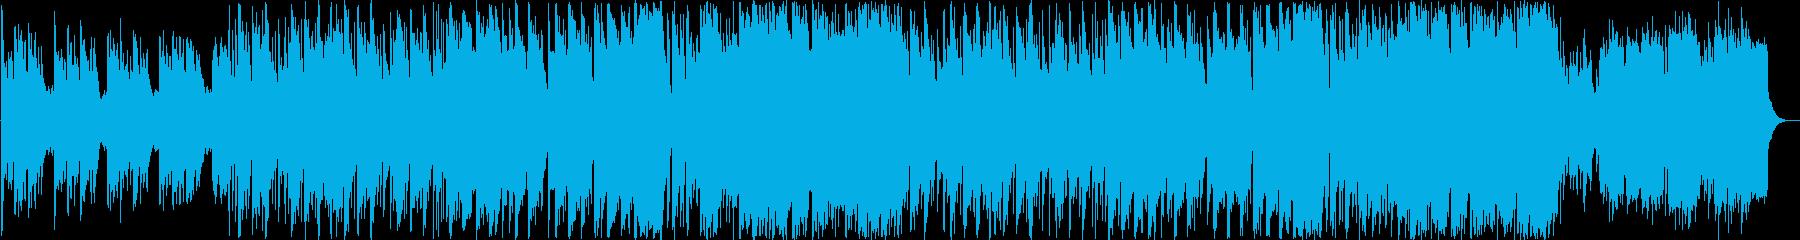 筝が印象的な切ない和風バラードの再生済みの波形